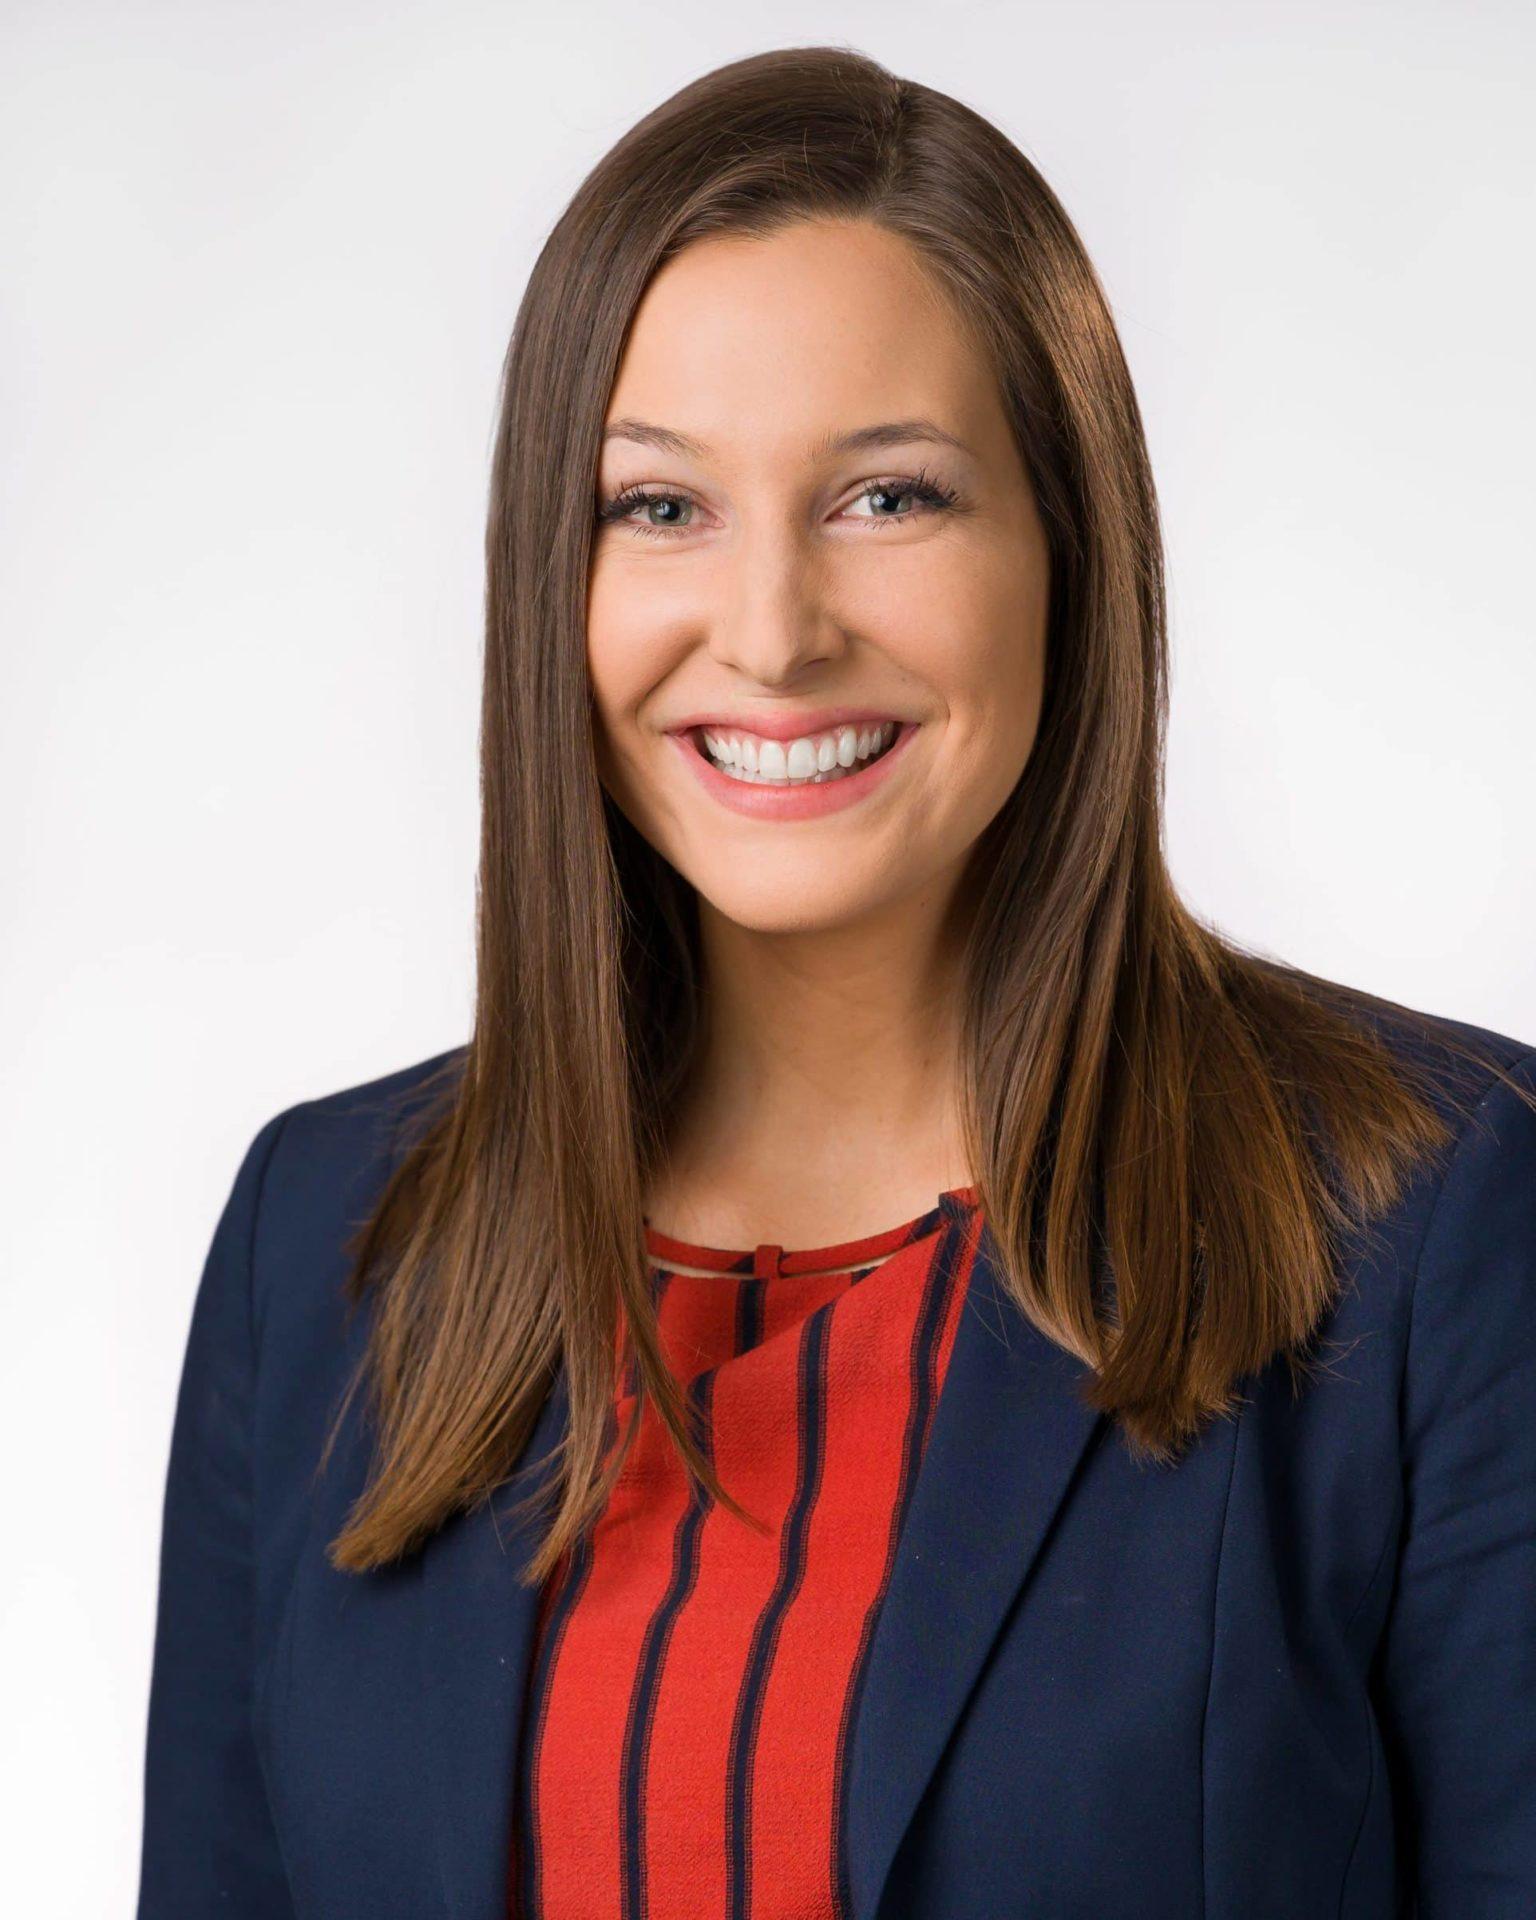 Kathryn C. Swain